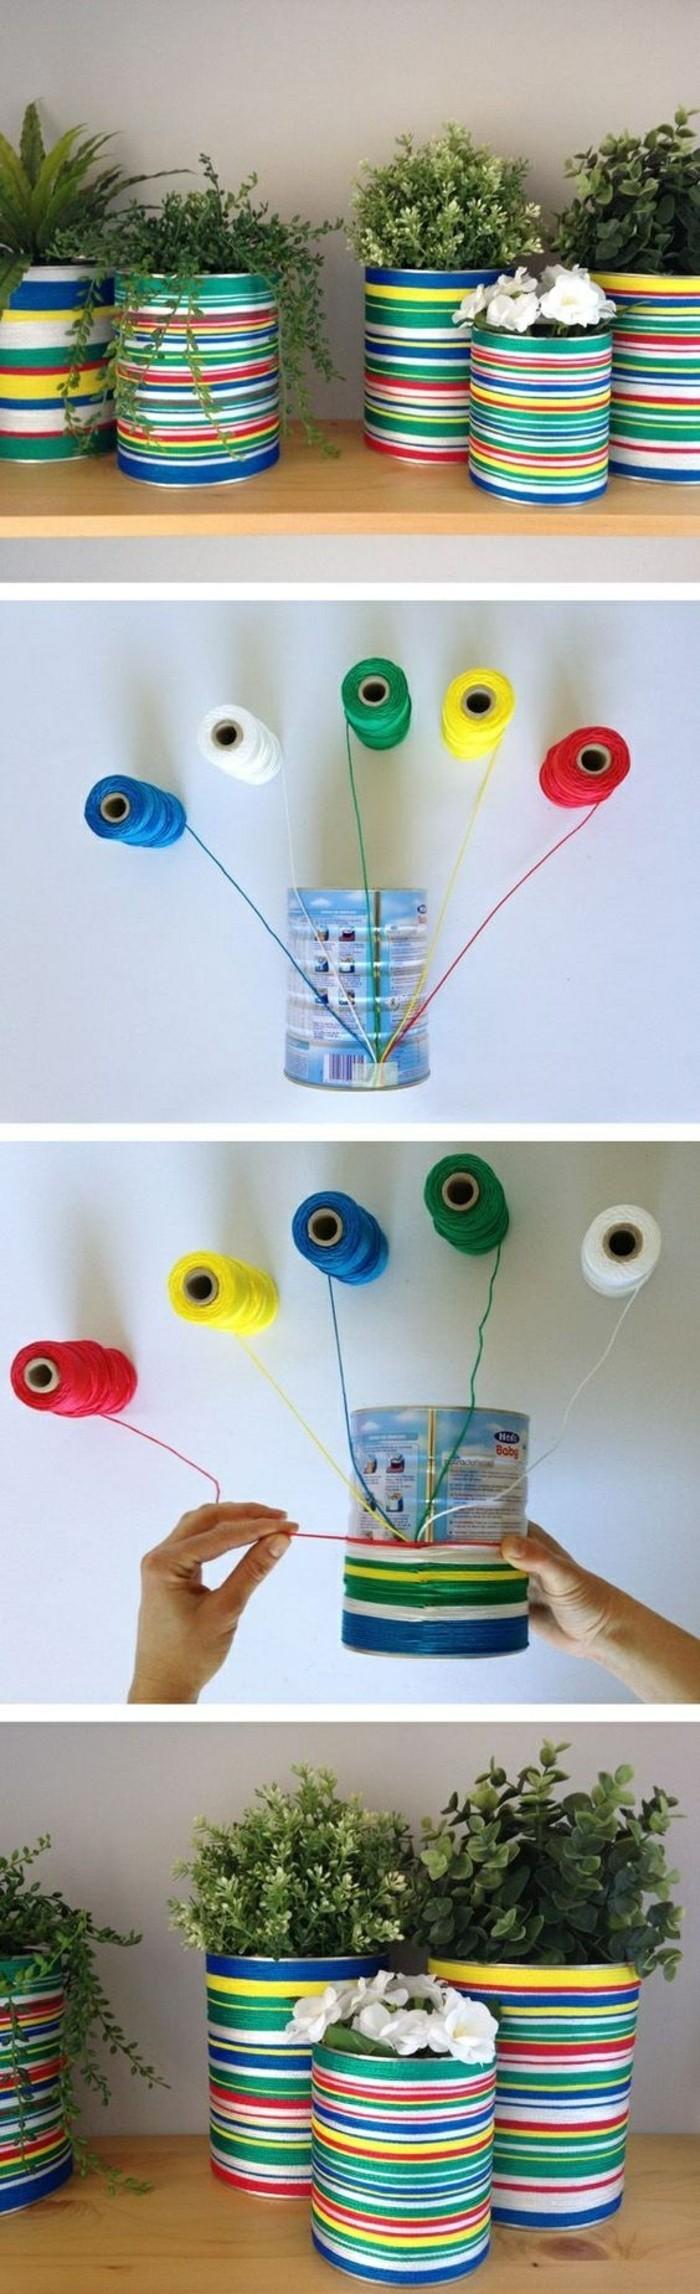 idée recyclage de boîte de conserve, fabriquer un pot à fleur en canette, décorer une boîte conserve avec fils de laine